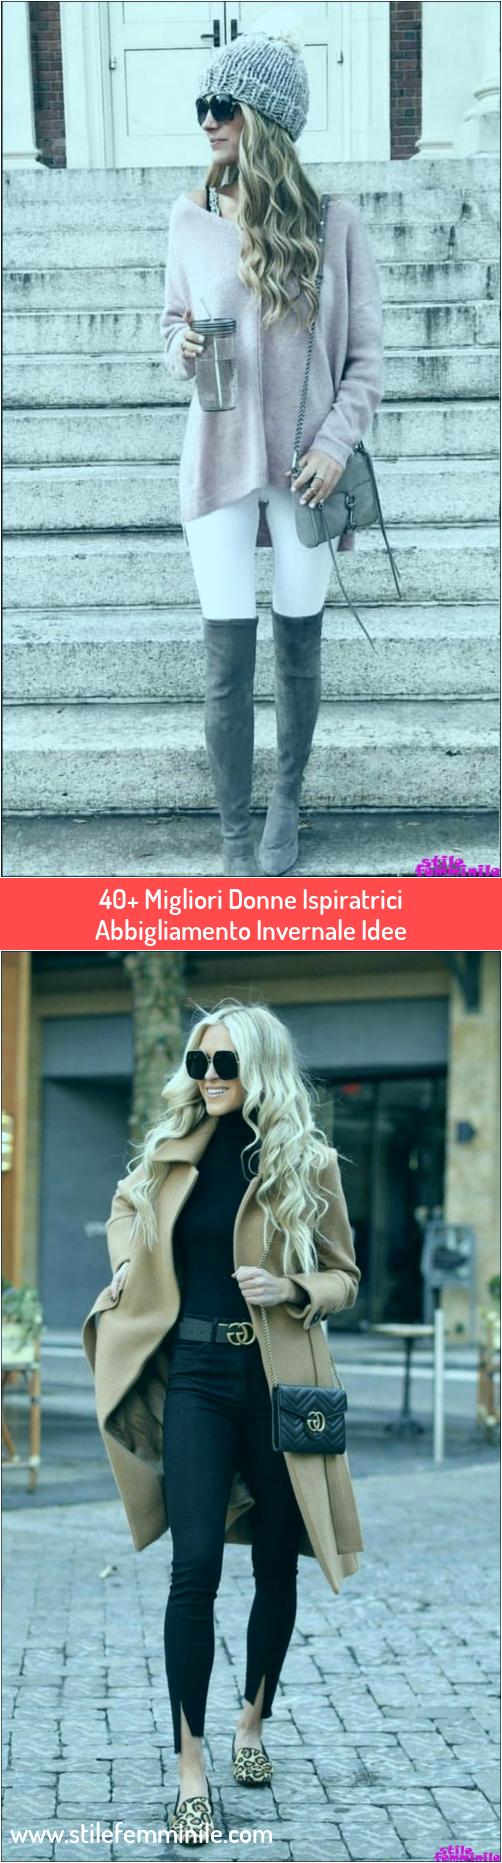 Photo of Fantastiche 40+ migliori idee ispiratrici per abbigliamento invernale da donna …